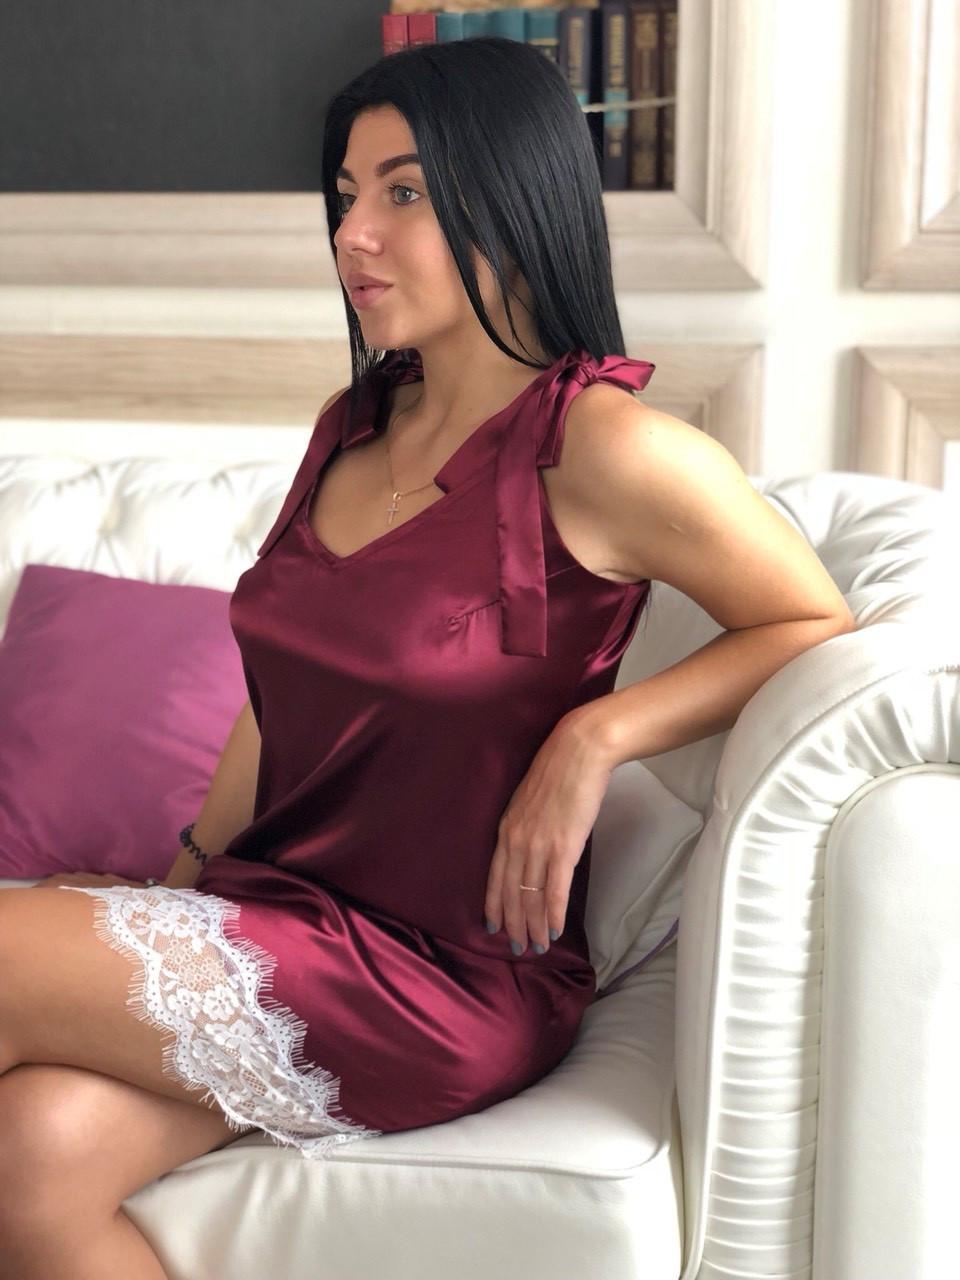 Атласная женская домашняя одежда ТМ Exclusive, вишневый пеньюар с белым кружевом